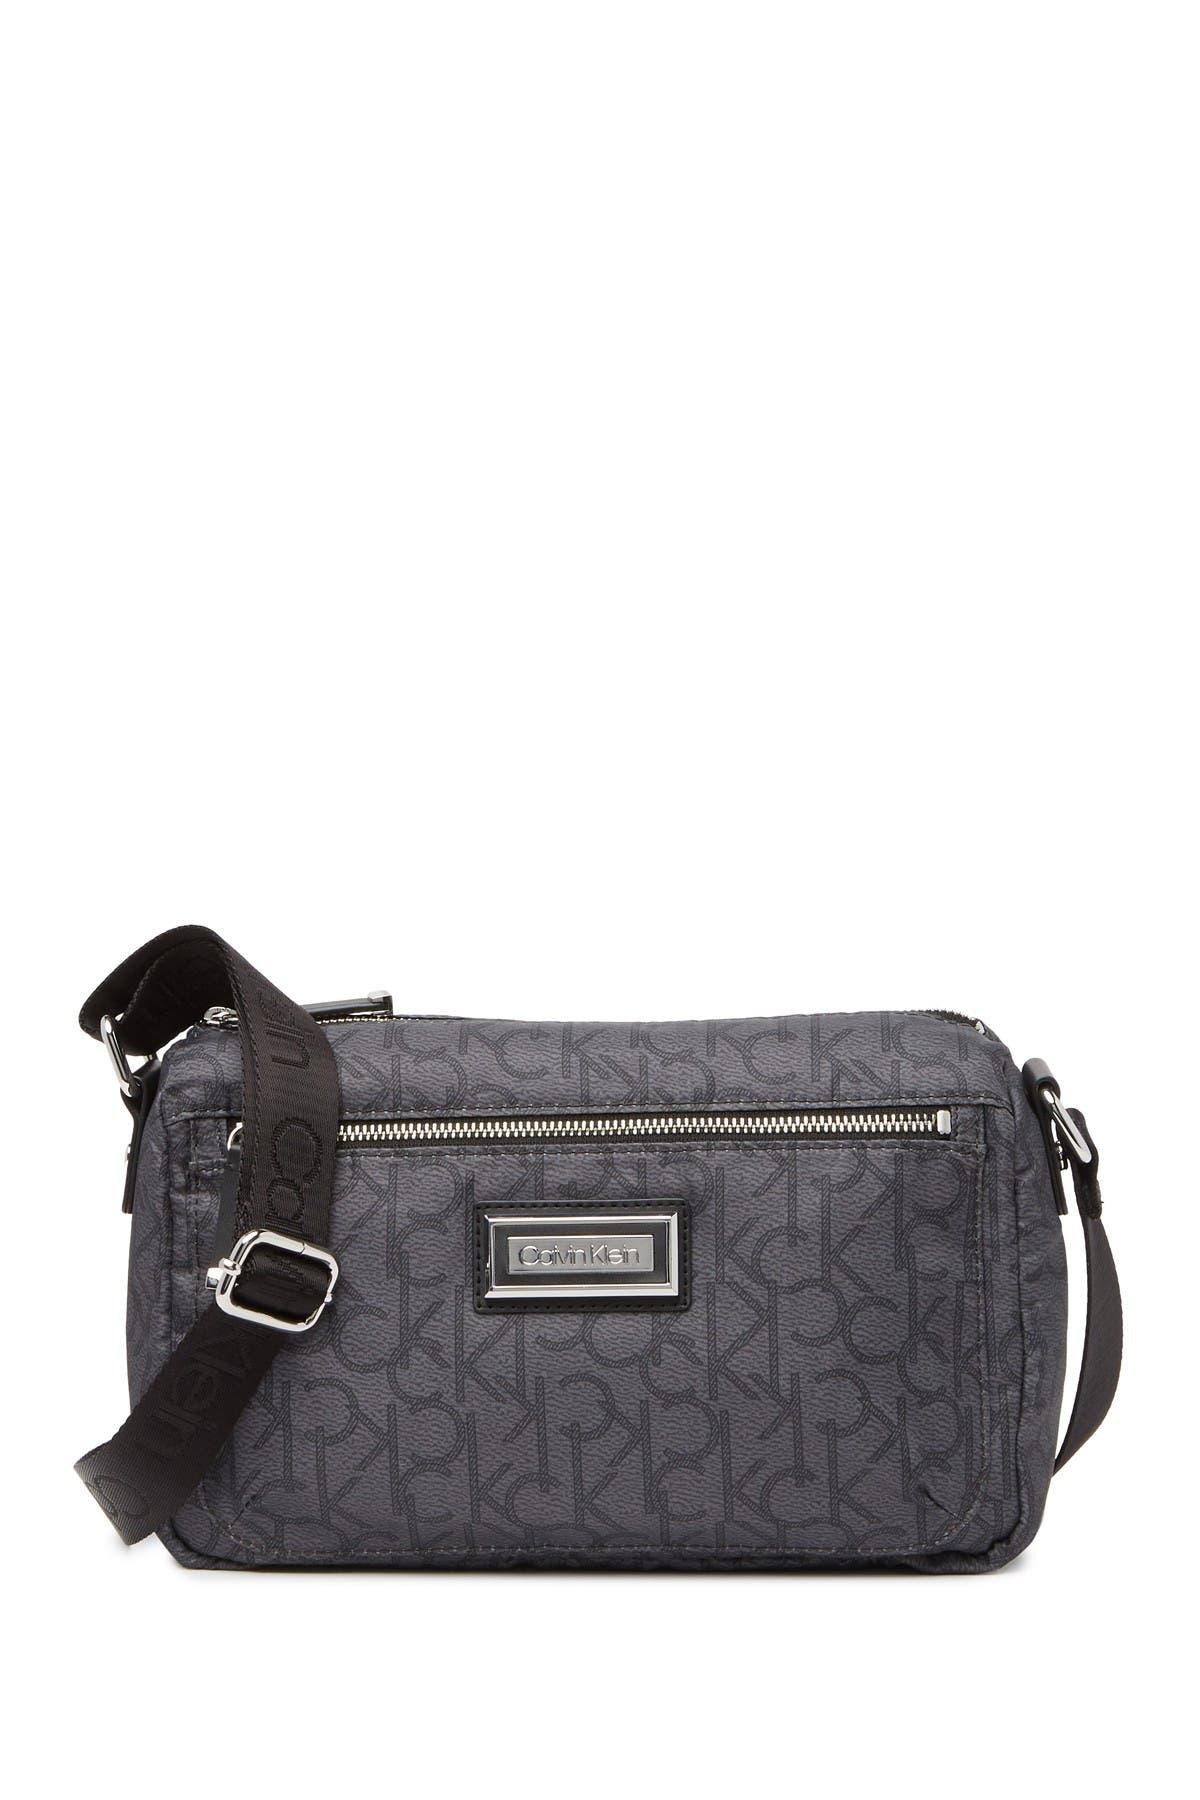 Image of Calvin Klein Belfast Dressy Nylon Crossbody Bag